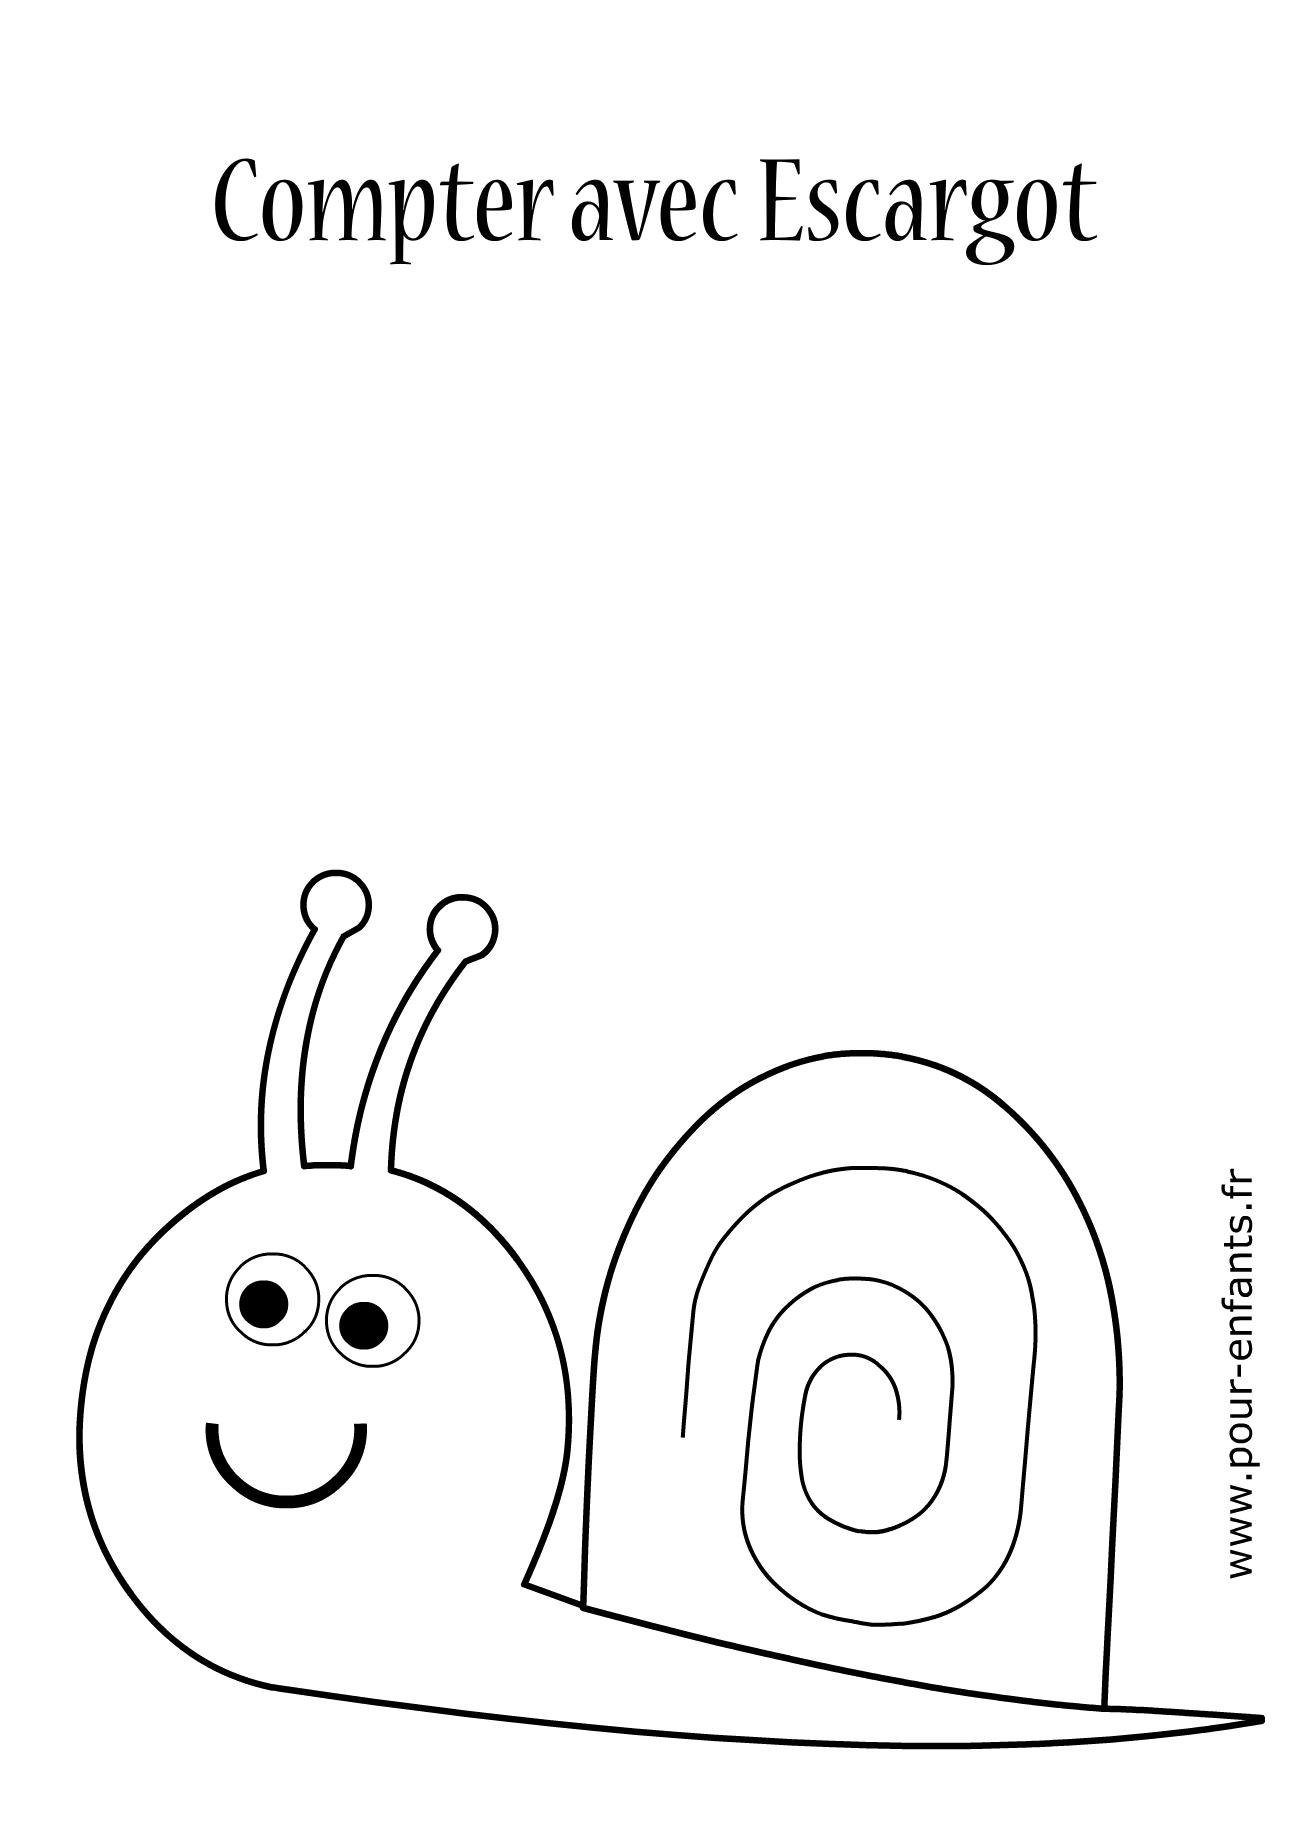 Jeux imprimer maternelle apprendre compter livre - Escargot maternelle ...